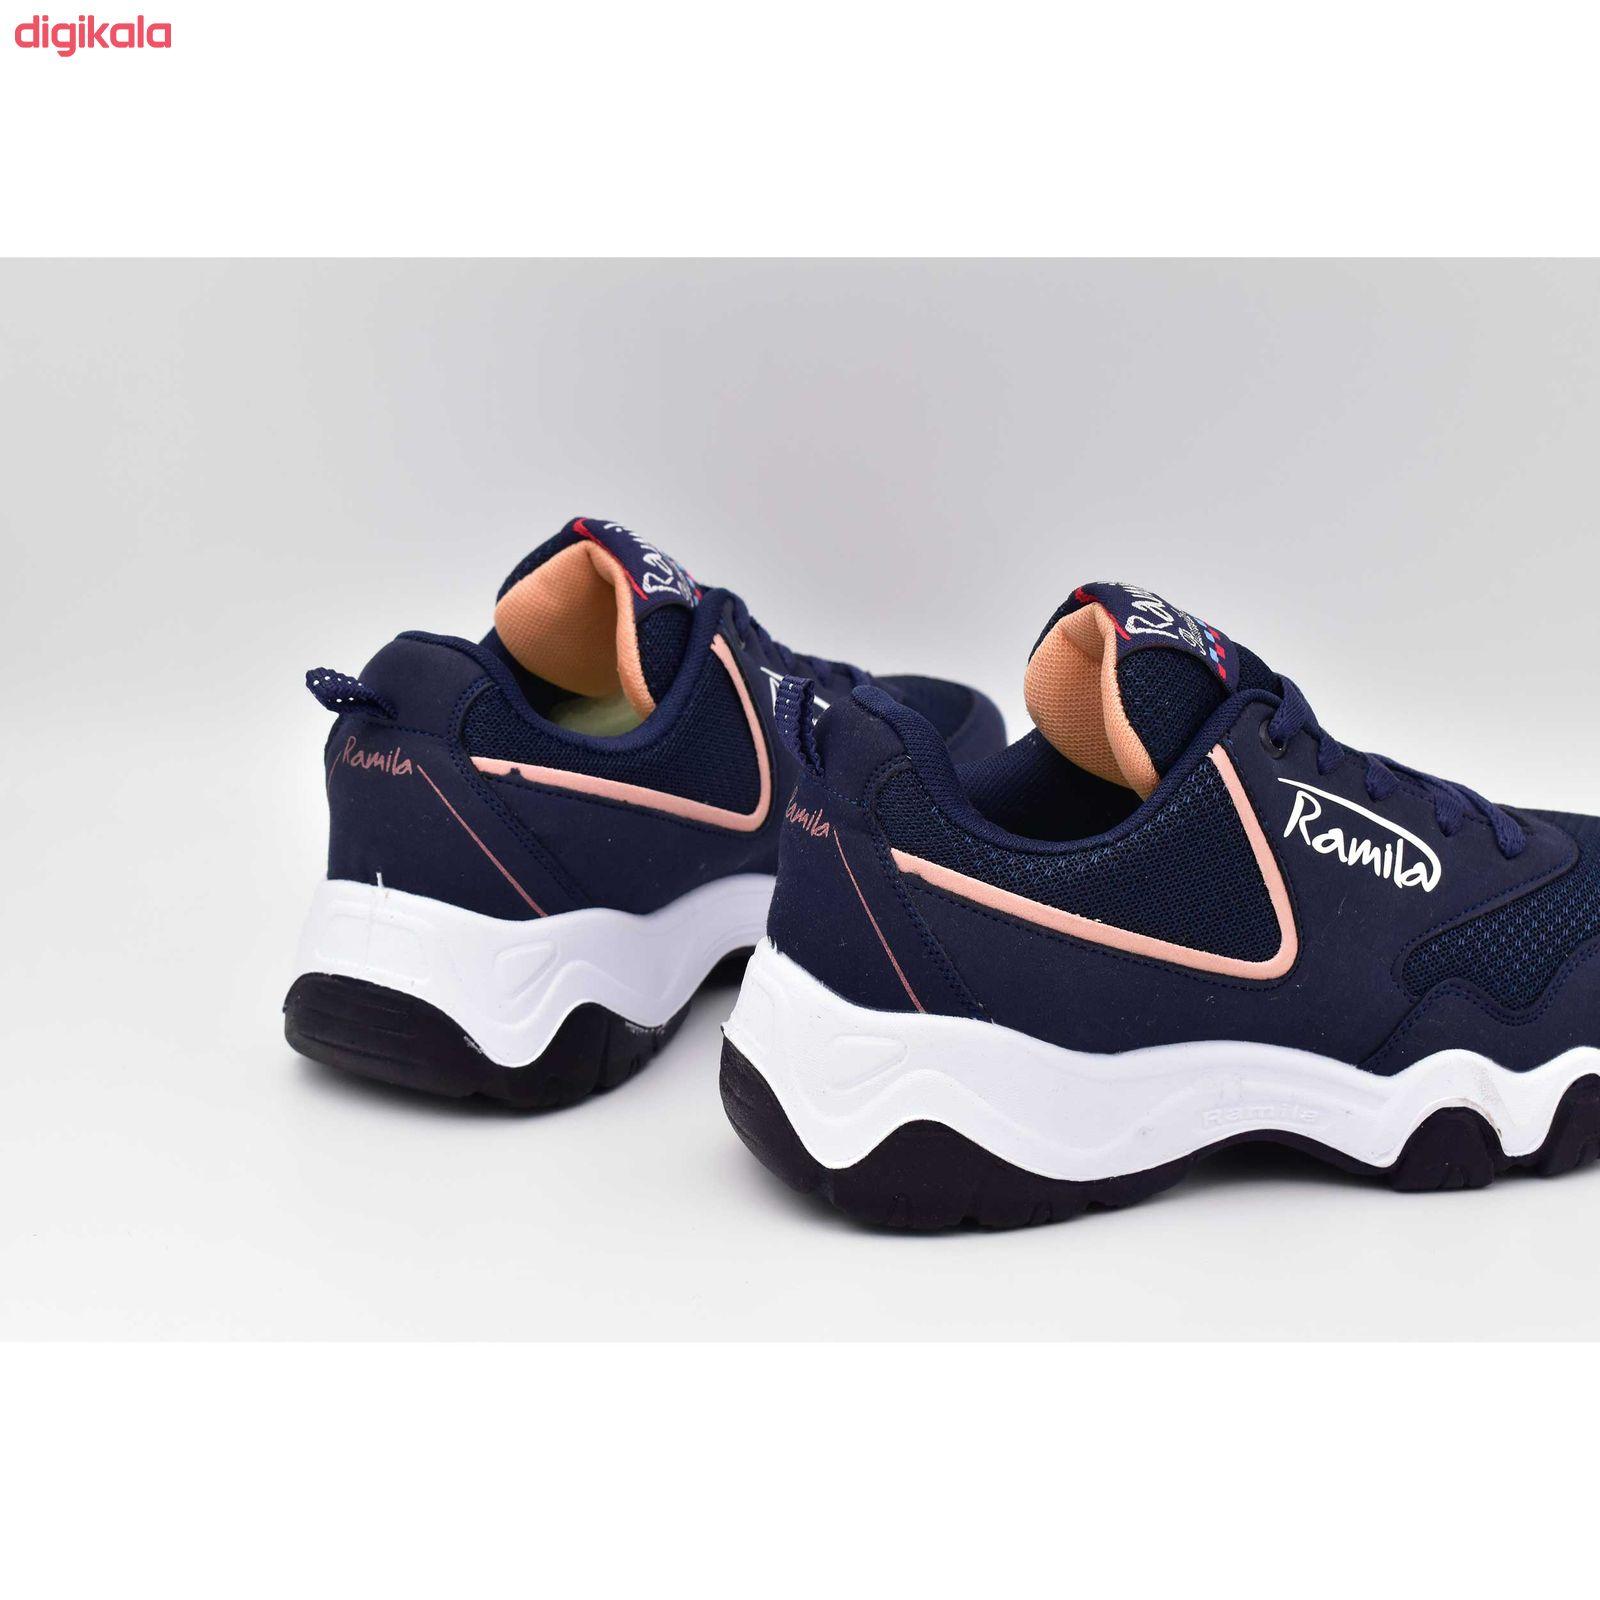 کفش مخصوص پیاده روی زنانه رامیلا مدل مونیخ کد 7660 main 1 6